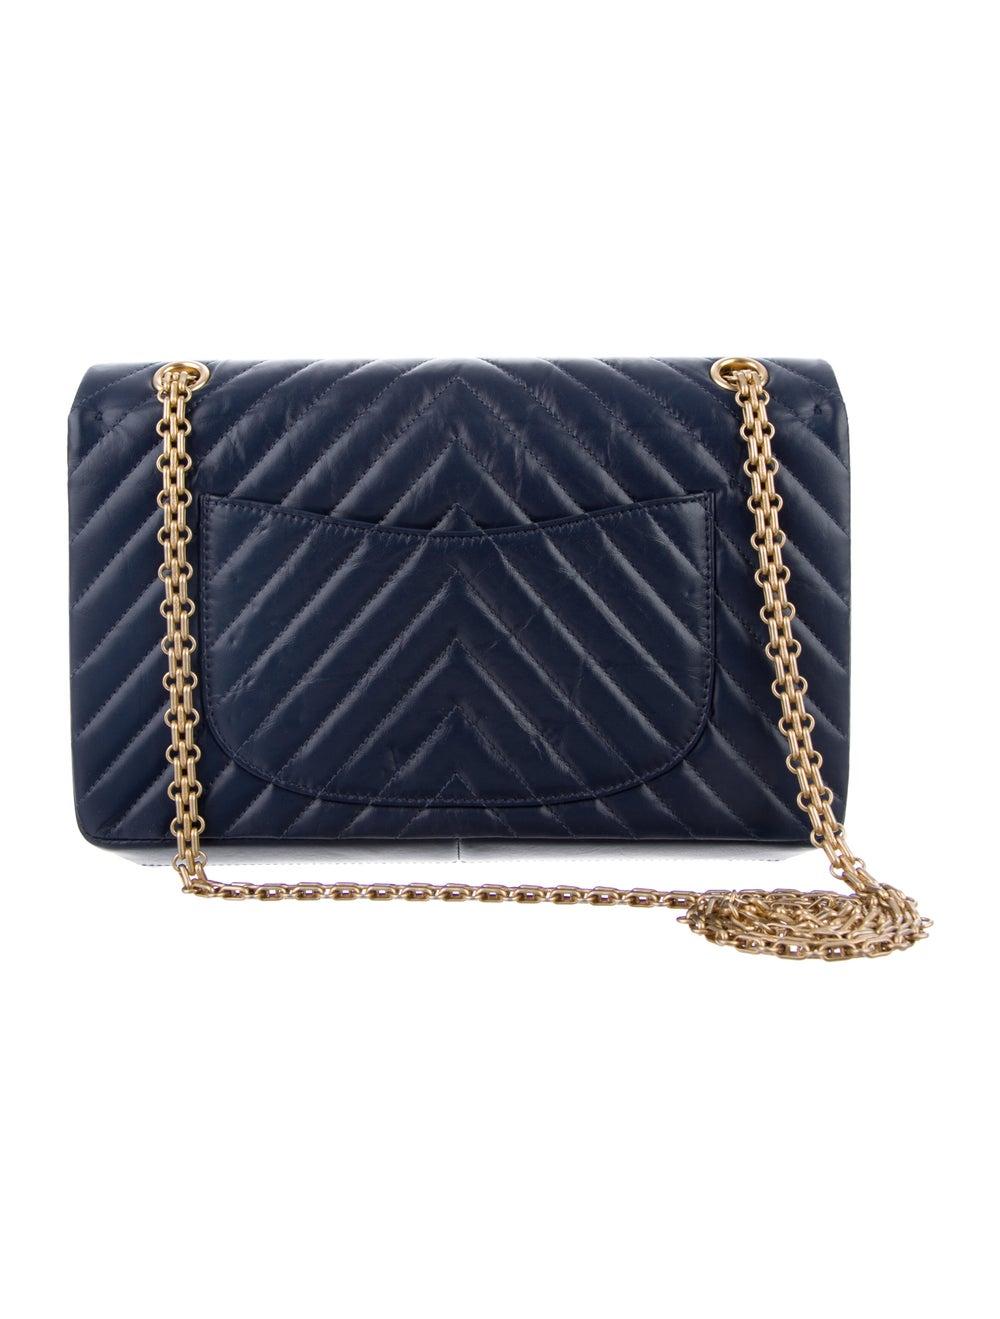 Chanel Chevron Reissue 226 Double Flap Bag Blue - image 4